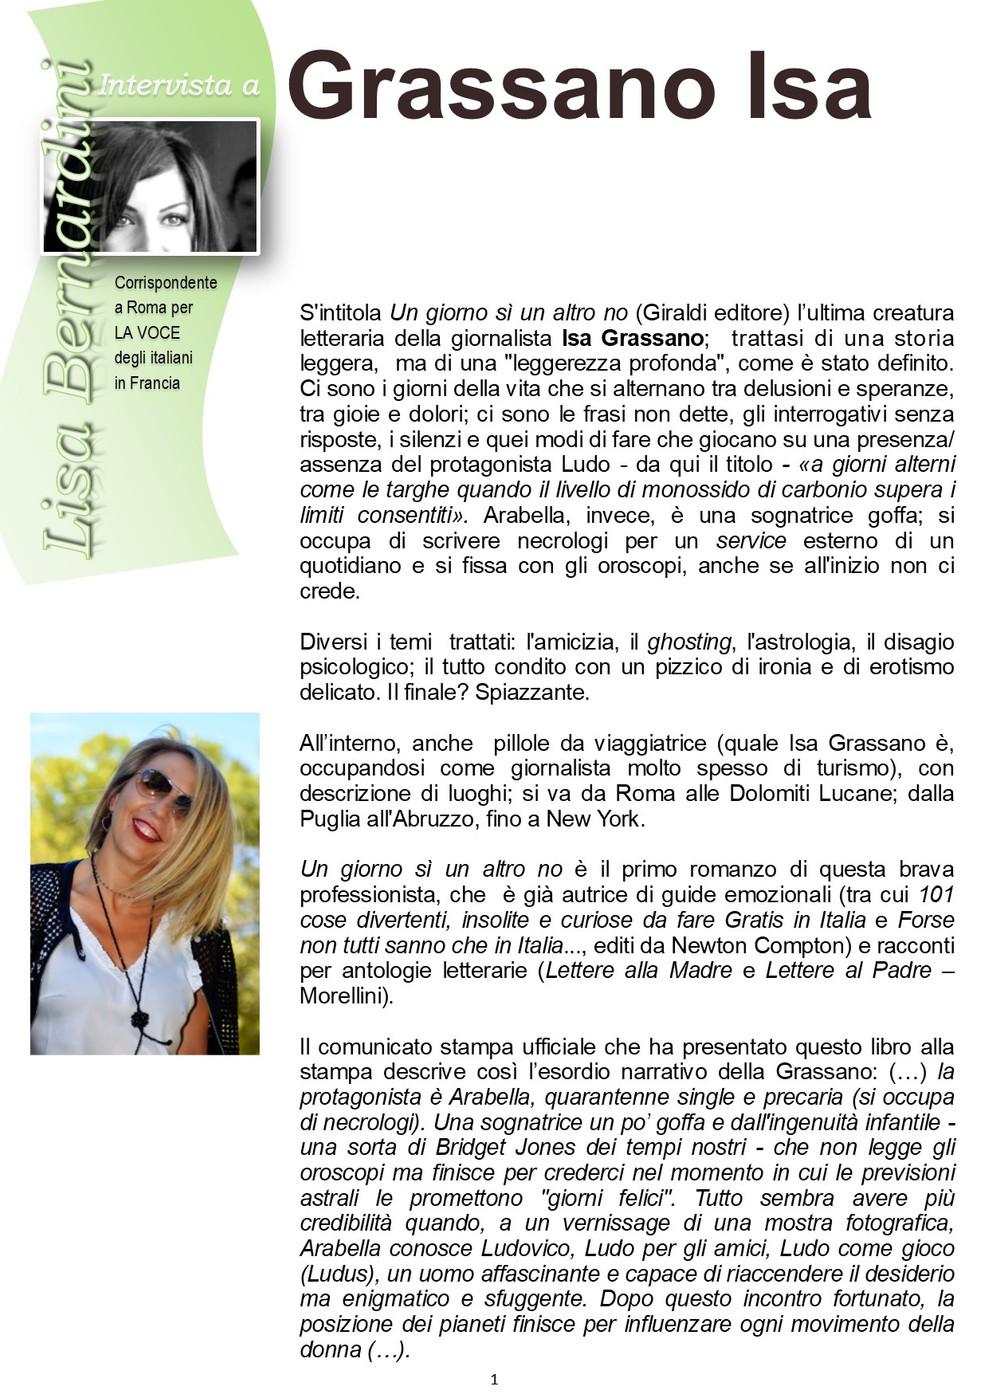 Grassano 1 Isa 18052021.jpg